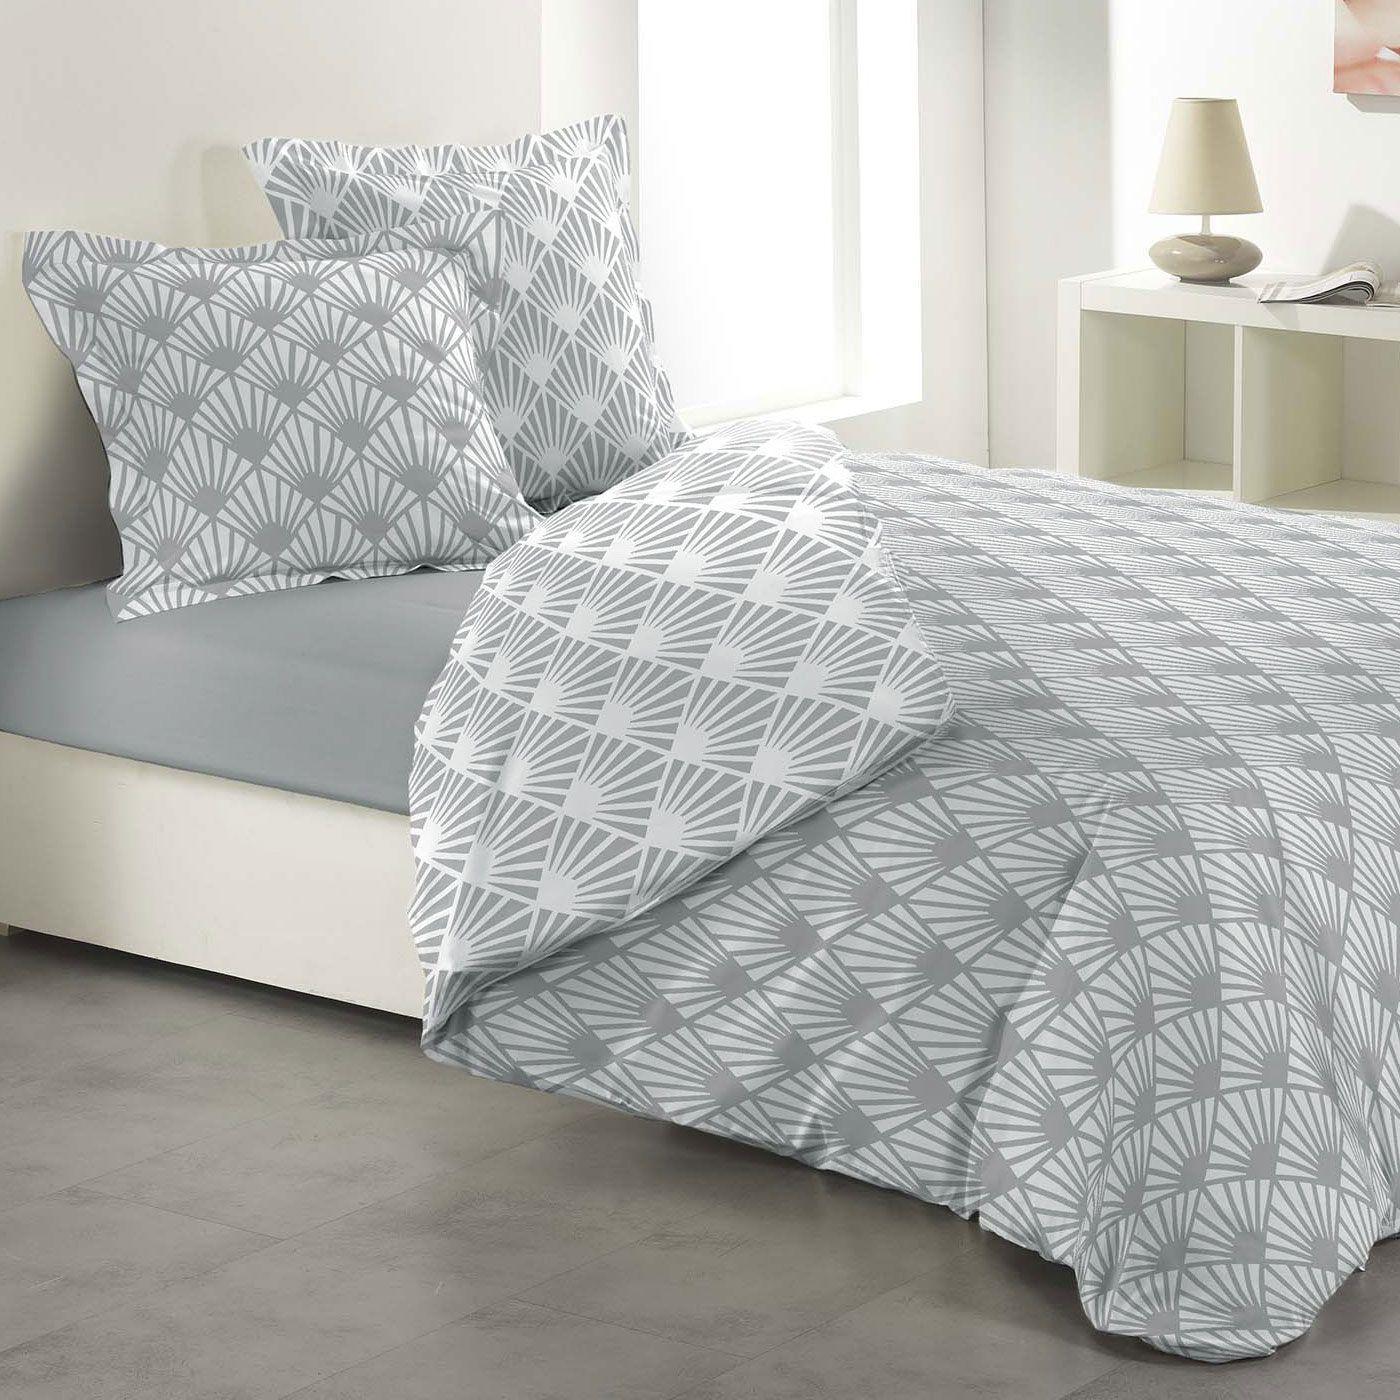 couvre couette amazing housse de couette italie with housse de couette italie with couvre. Black Bedroom Furniture Sets. Home Design Ideas